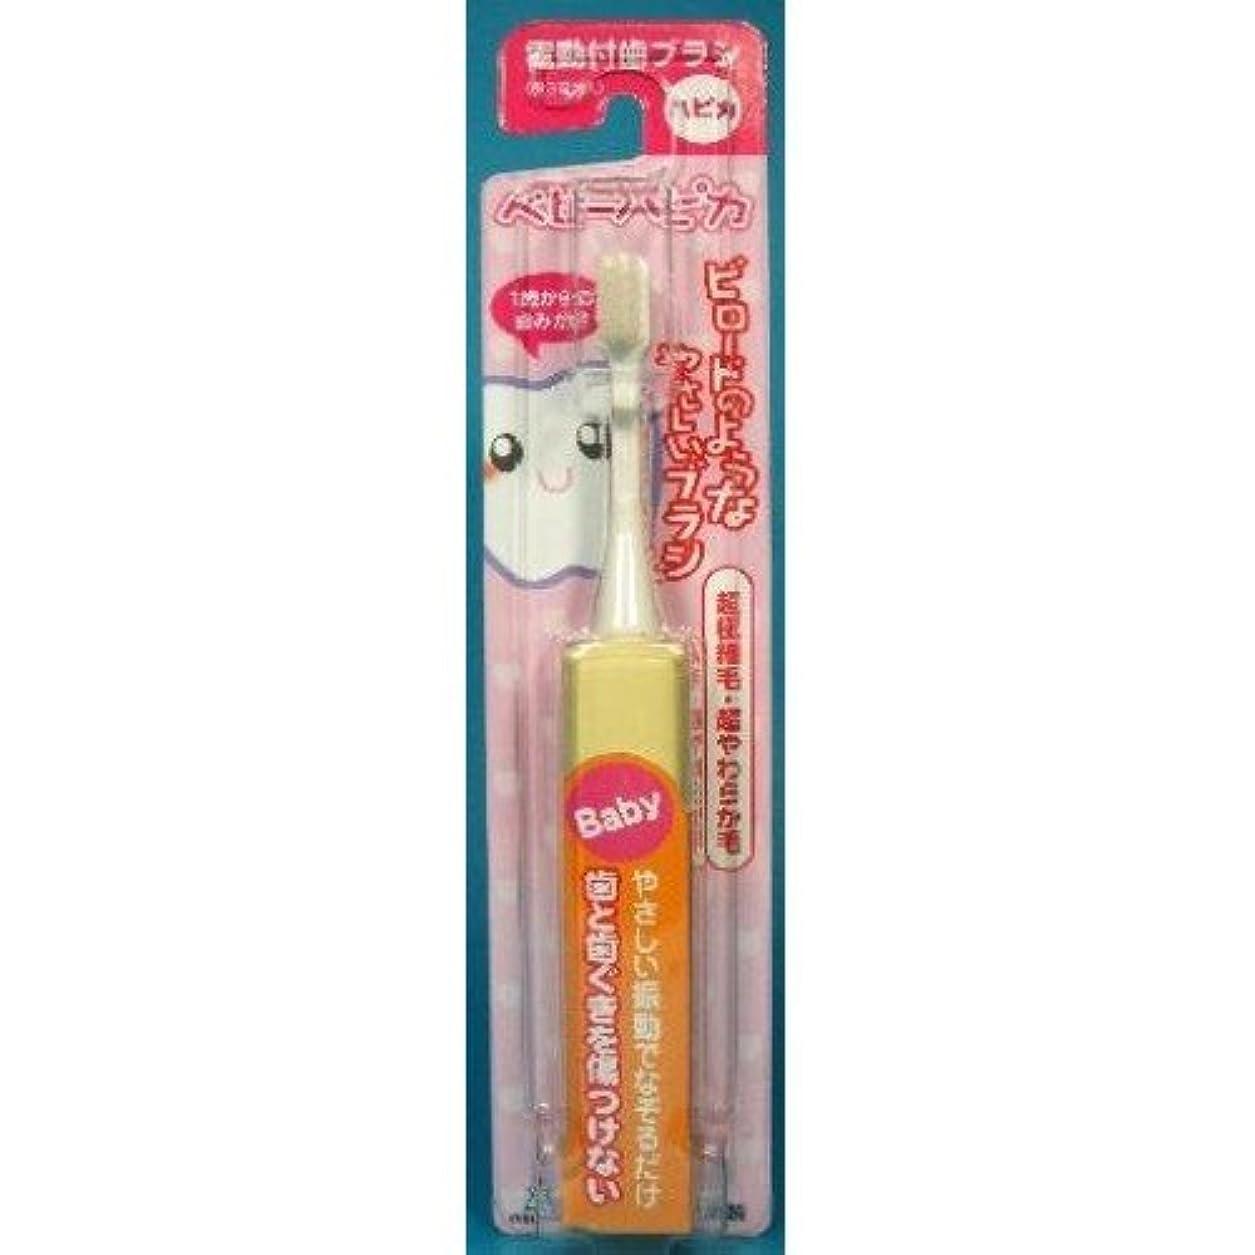 素晴らしいです結論まろやかなミニマム 電動付歯ブラシ ベビーハピカ イエロー 毛の硬さ:超やわらかめ DBB-1Y(BP)